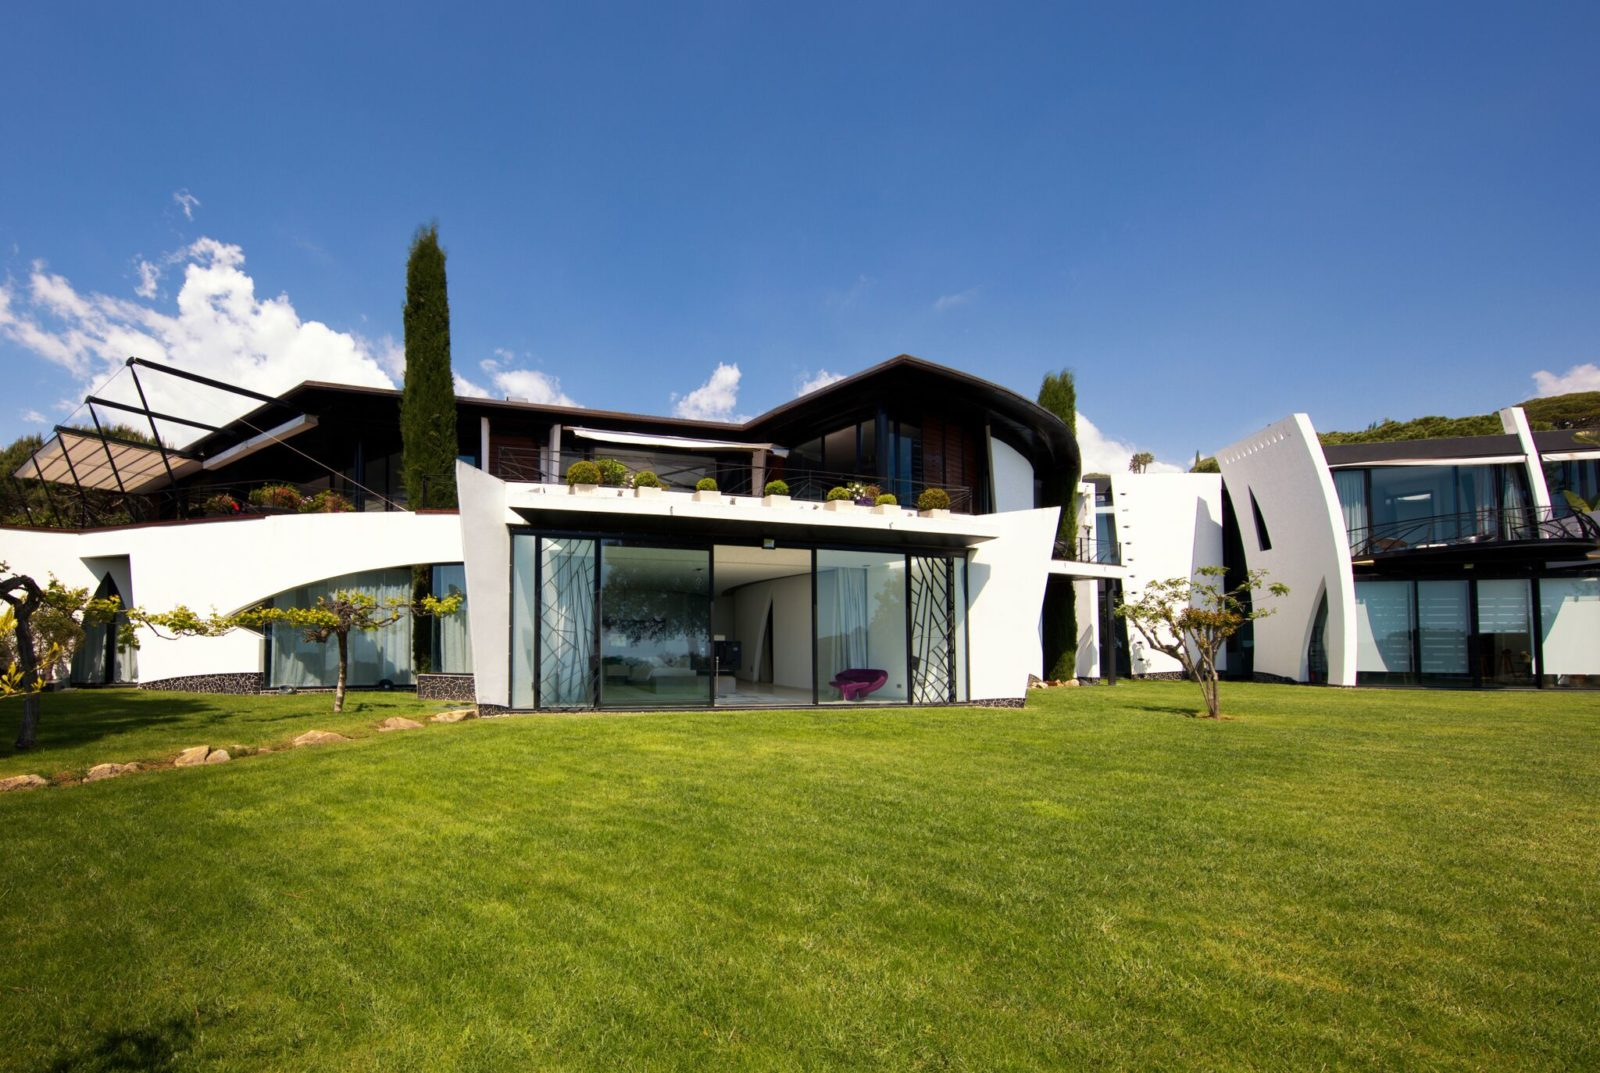 La nao la casa con forma de nav o del mediterr neo - Casas del mediterraneo valencia ...